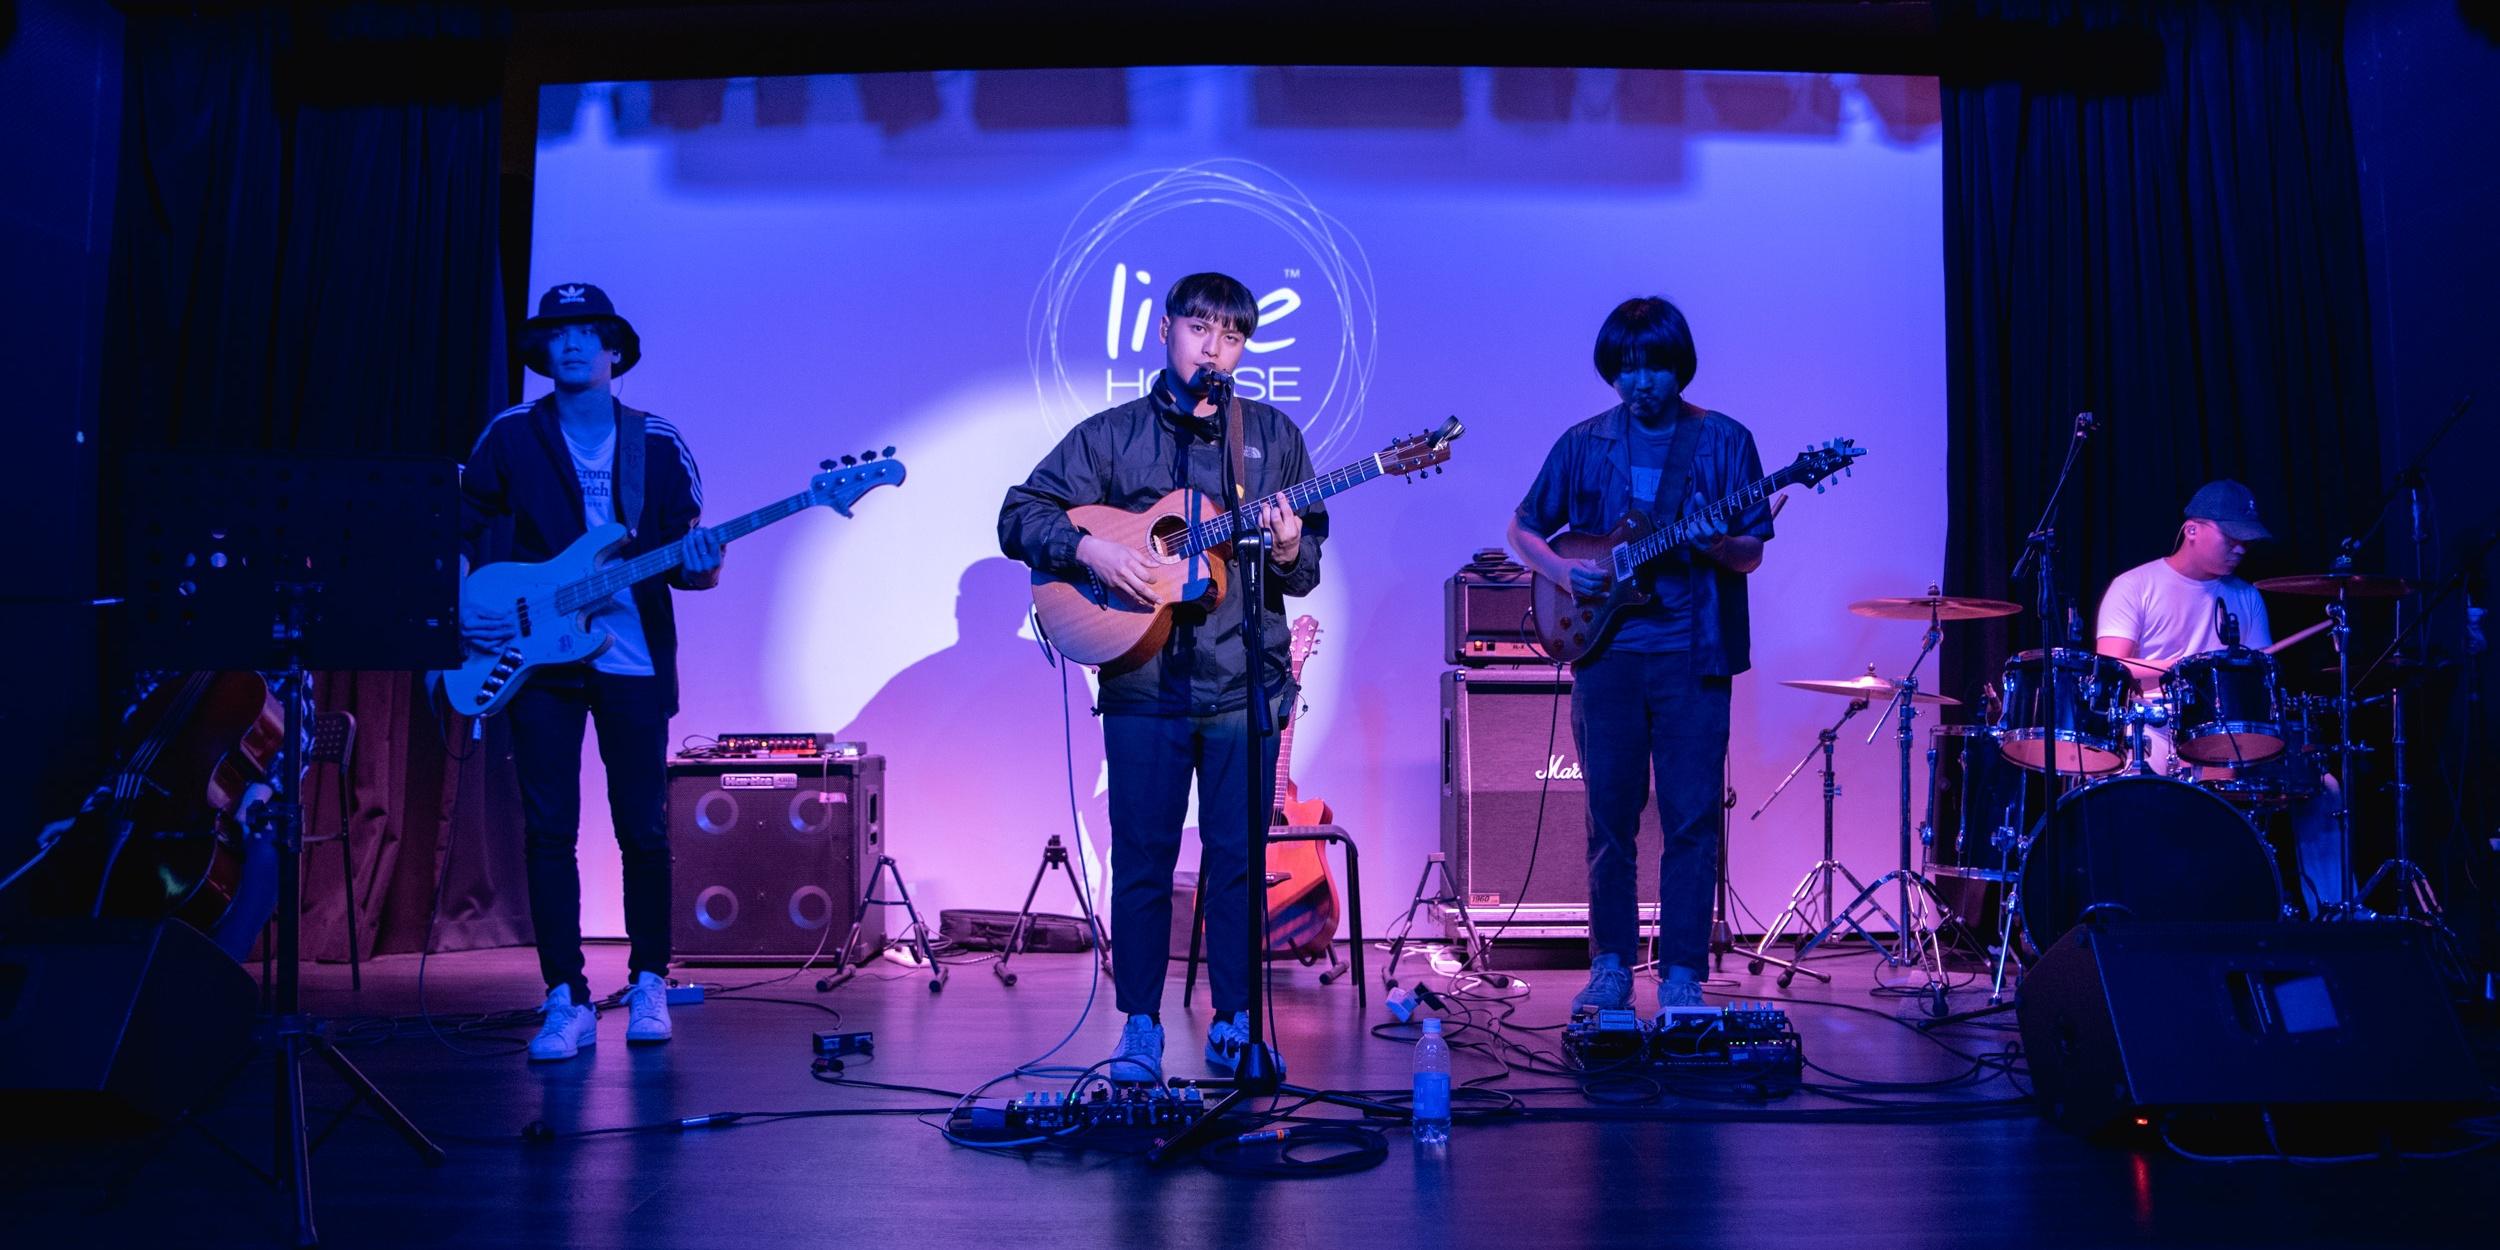 老王乐队演唱会回顾:年轻一代最具代表性的声音